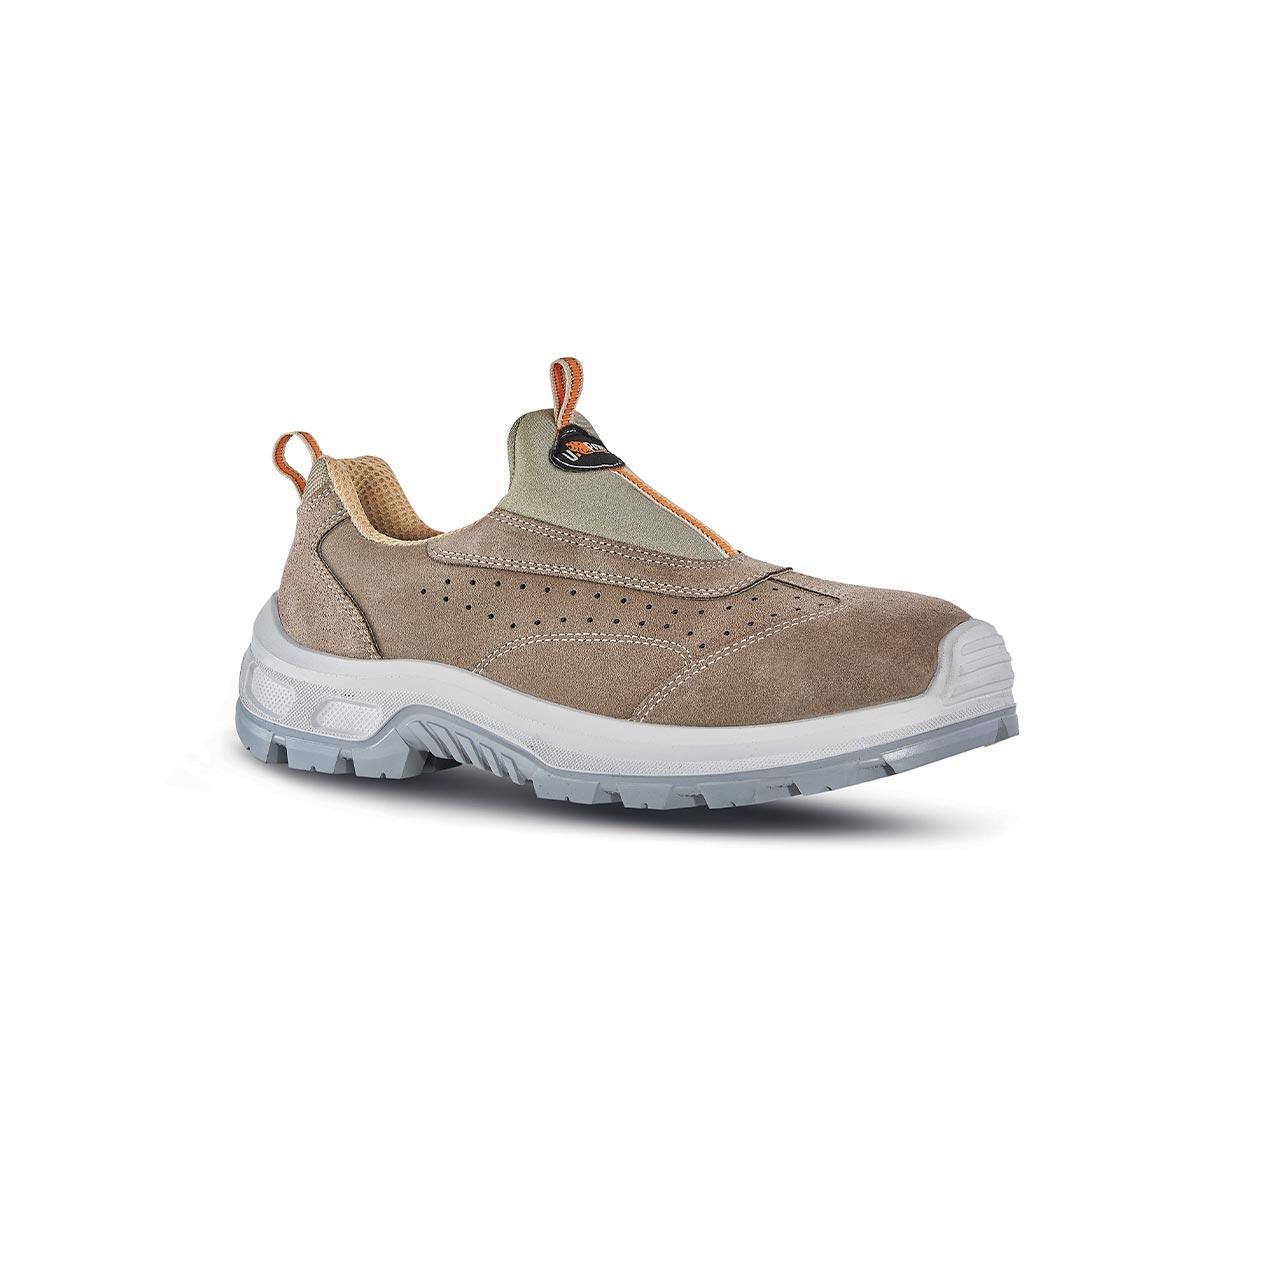 scarpa antinfortunistica upower modello fit linea conceptplus vista laterale